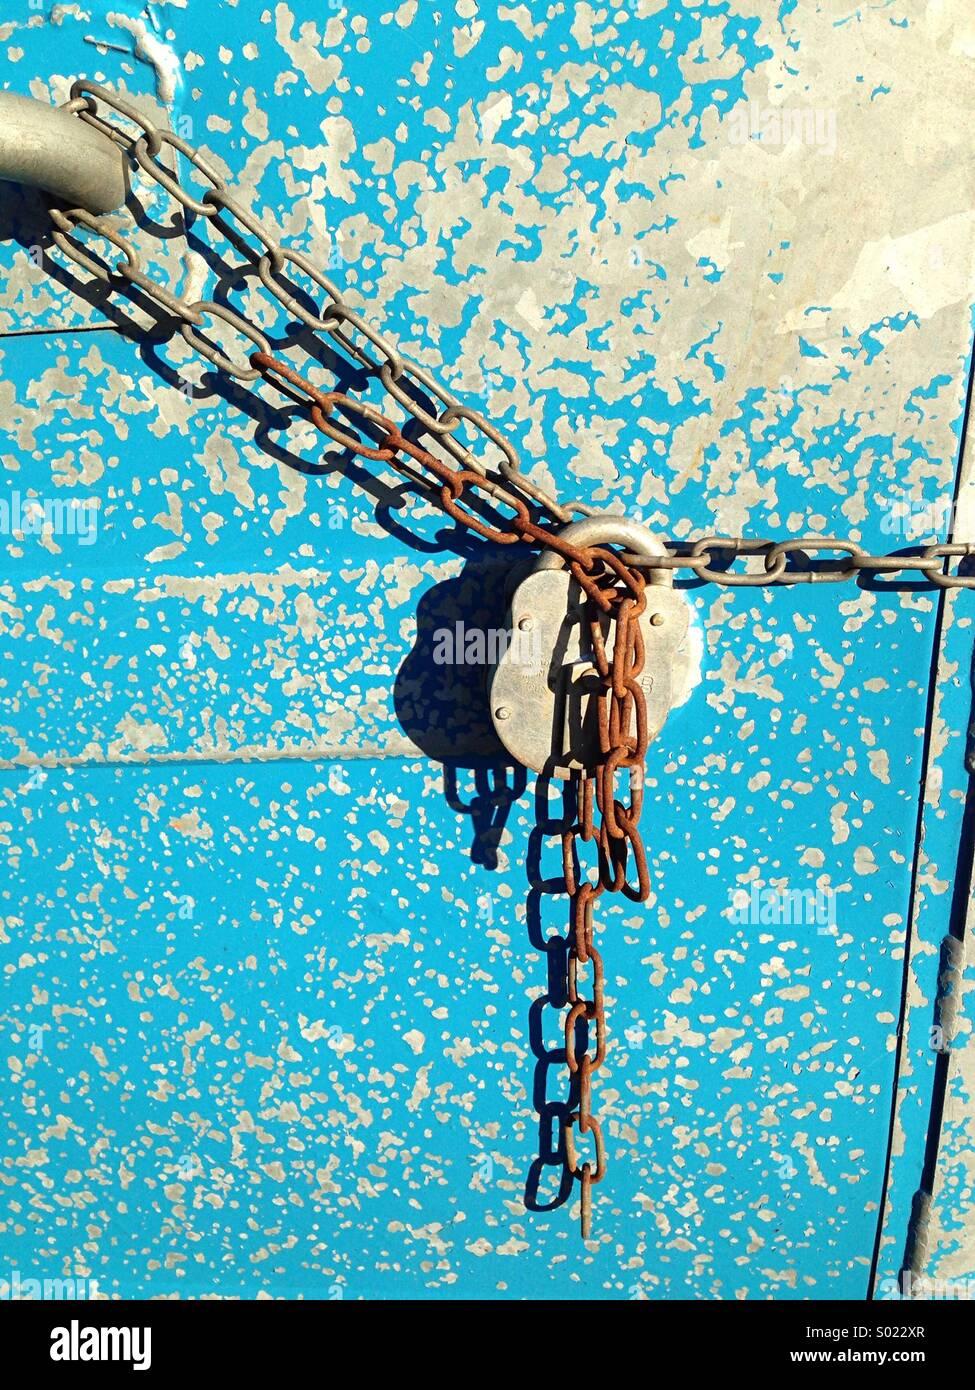 El candado y la cadena papelera de reciclaje azul Foto de stock